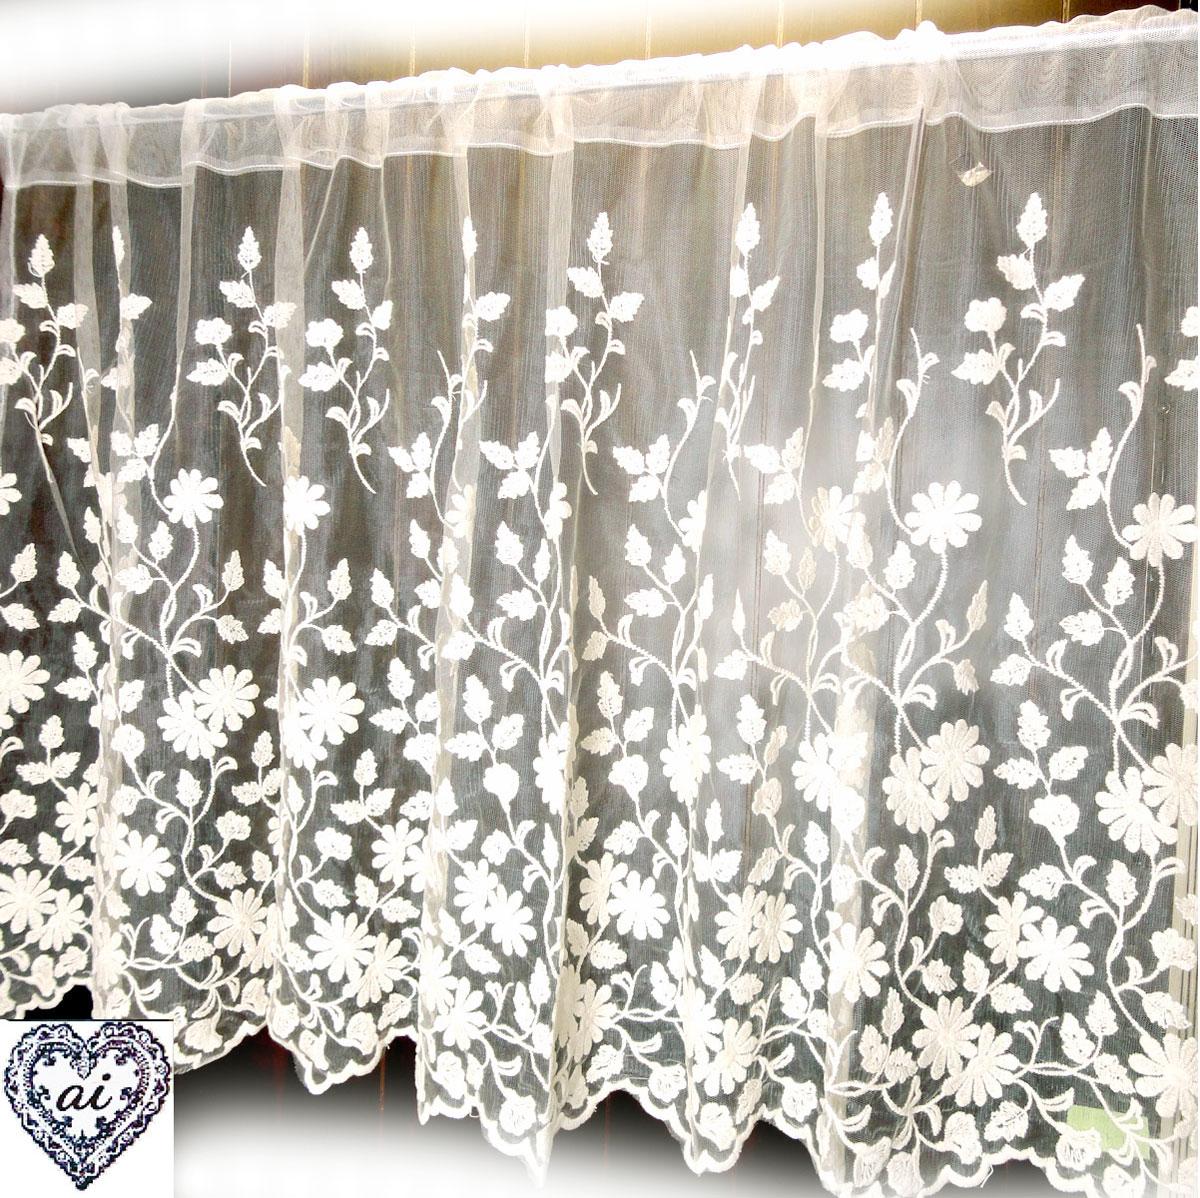 草花小窓用ふっくらナチュラルな感じのコットン刺繍カーテン